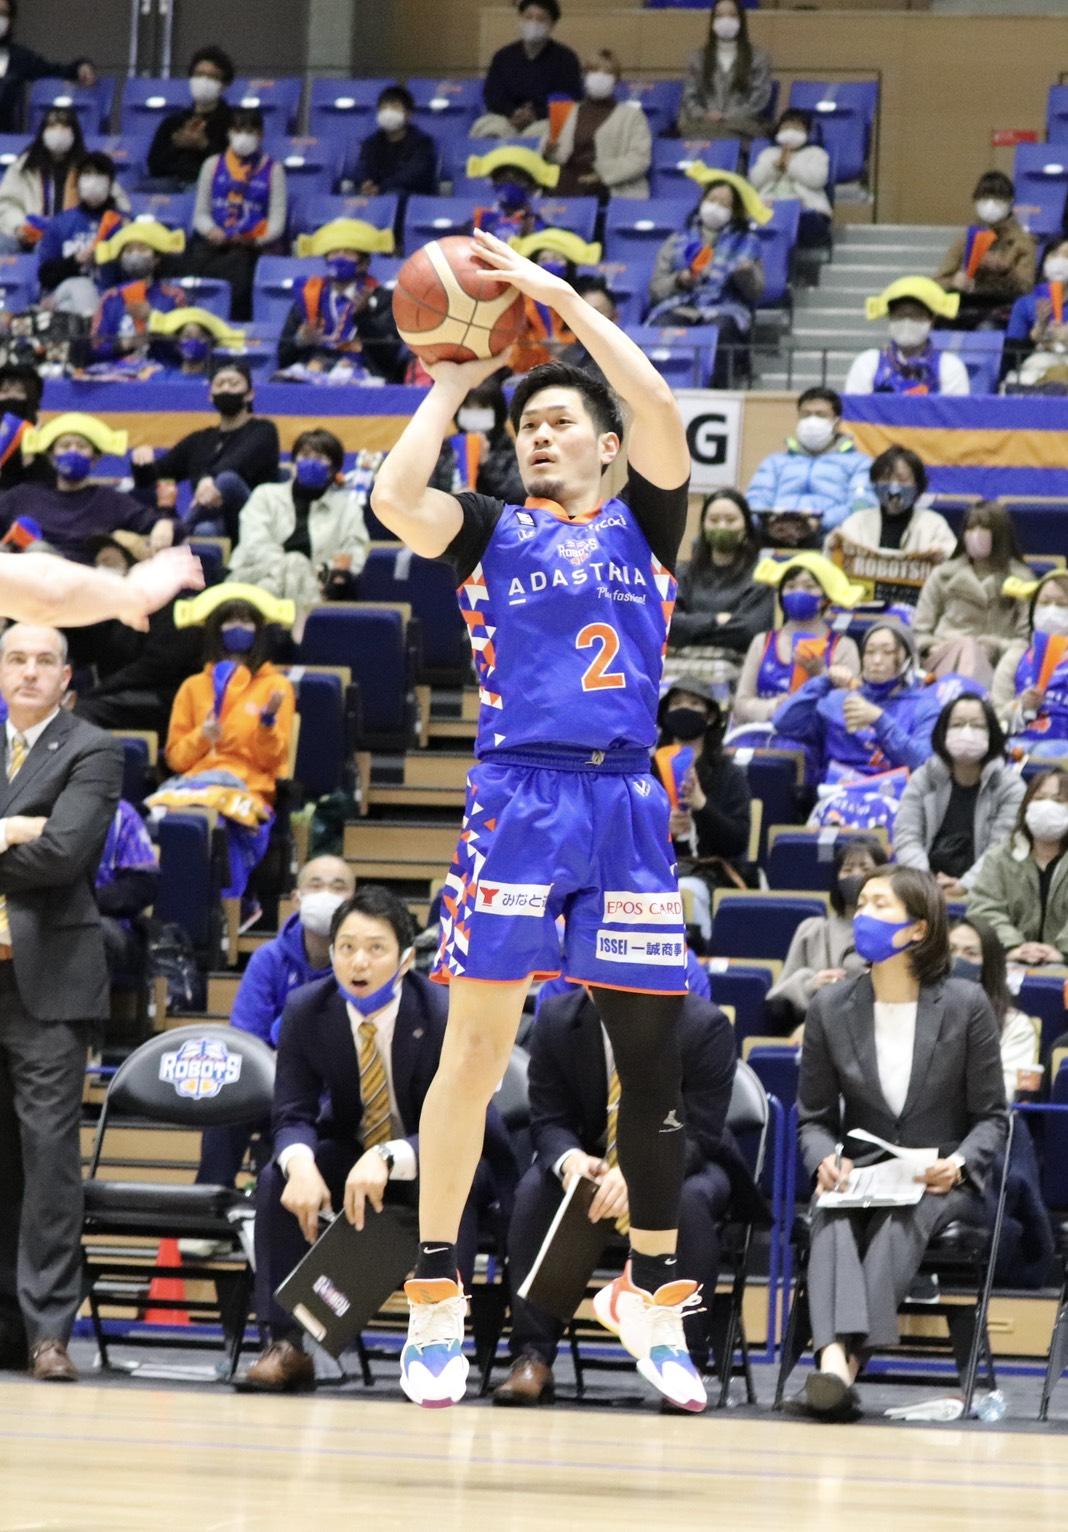 17得点を記録した福澤©Basketball News 2for1